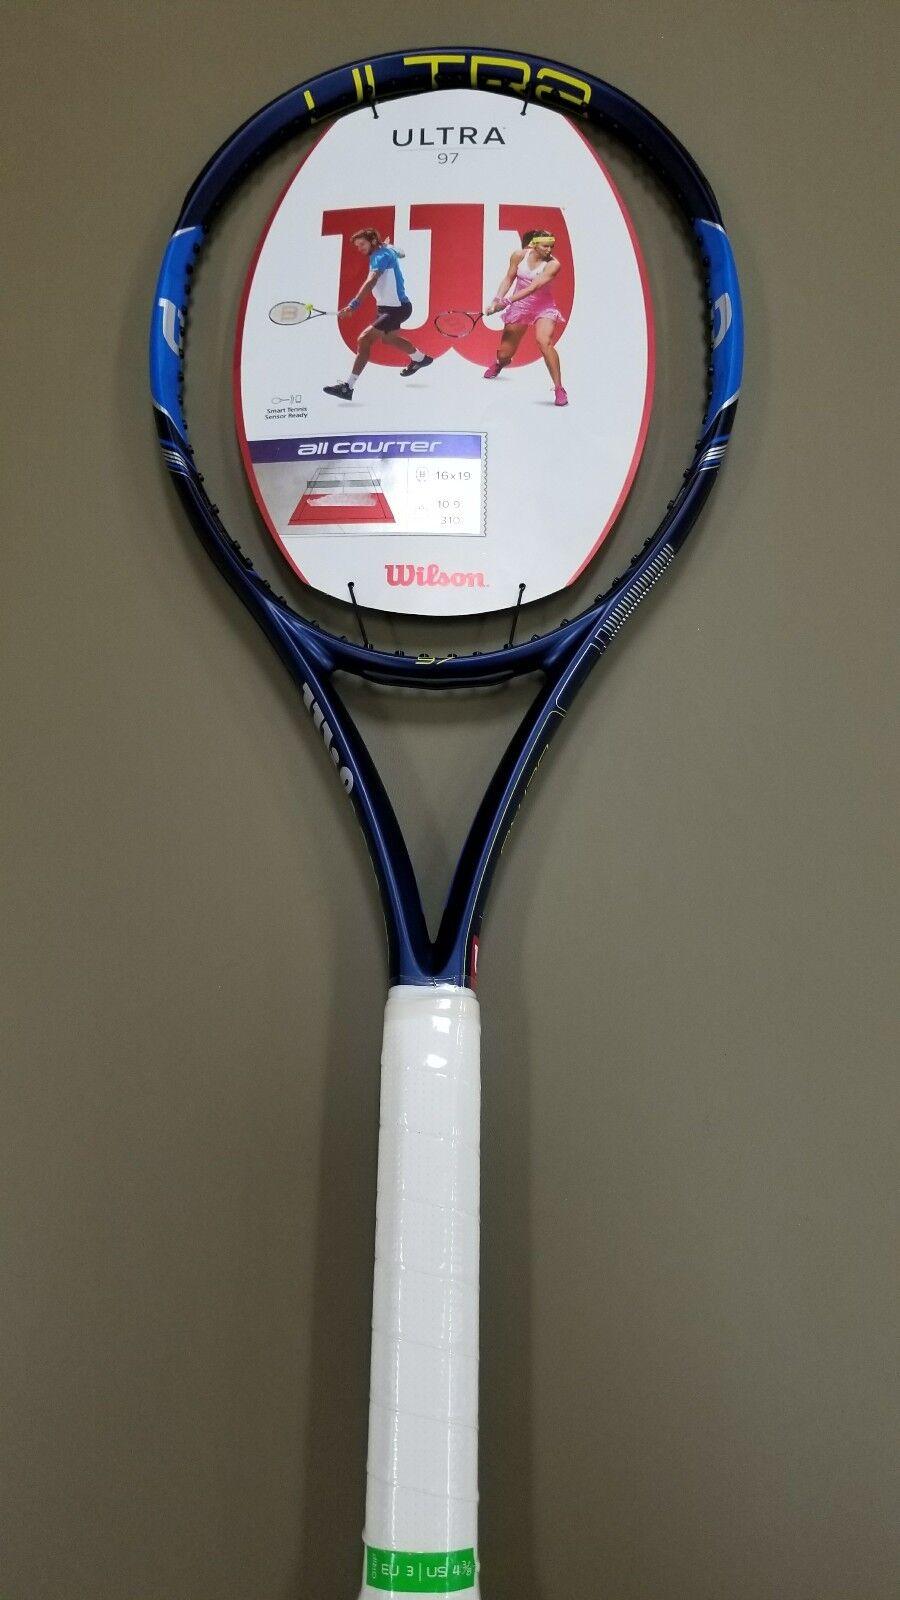 New Wilson Ultra 97 Tennis Racquet  4 3 8 16x19 310g 10.9oz